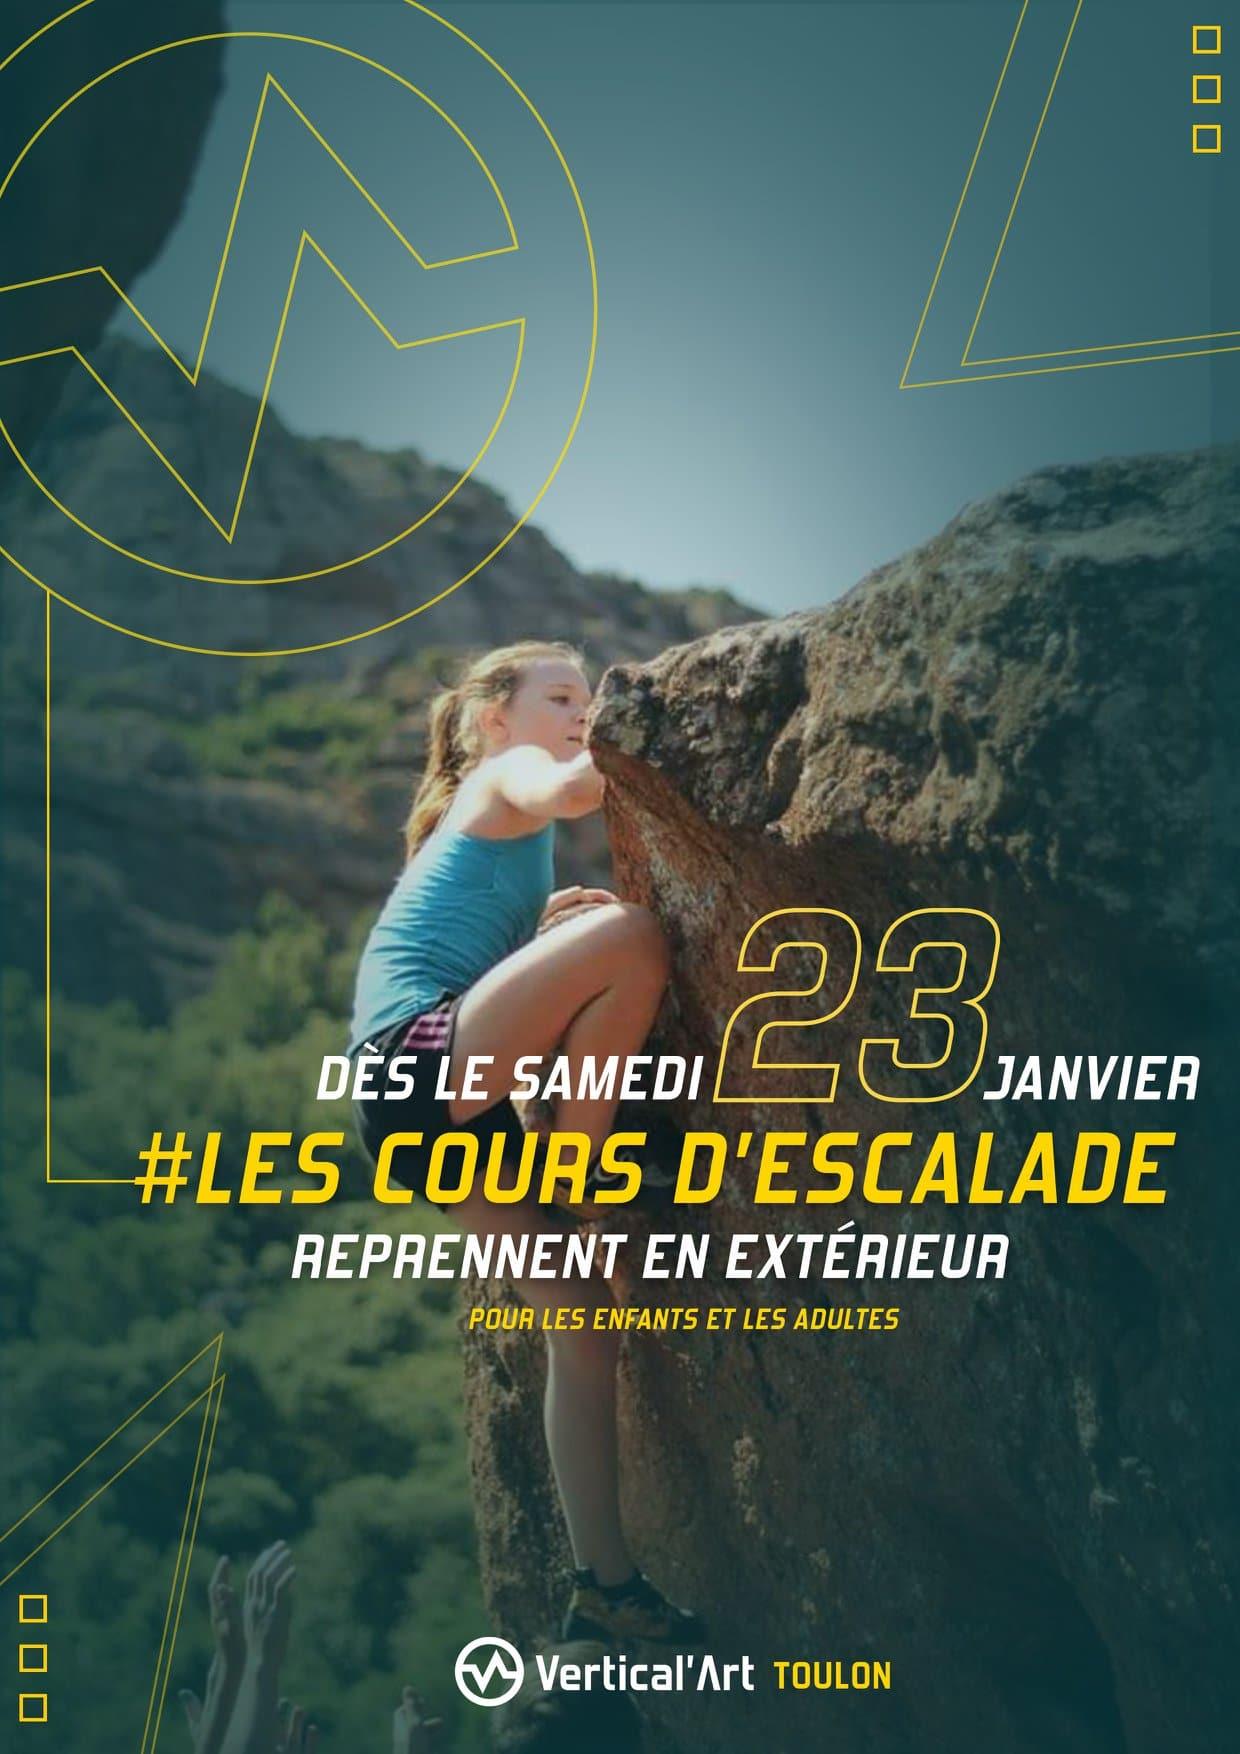 Les cours d'escalade reprennent en extérieur dès le samedi 23 janvier, les fiches d'inscription vous ont été envoyées par mail pour participer à nos sorties sportives outdoor